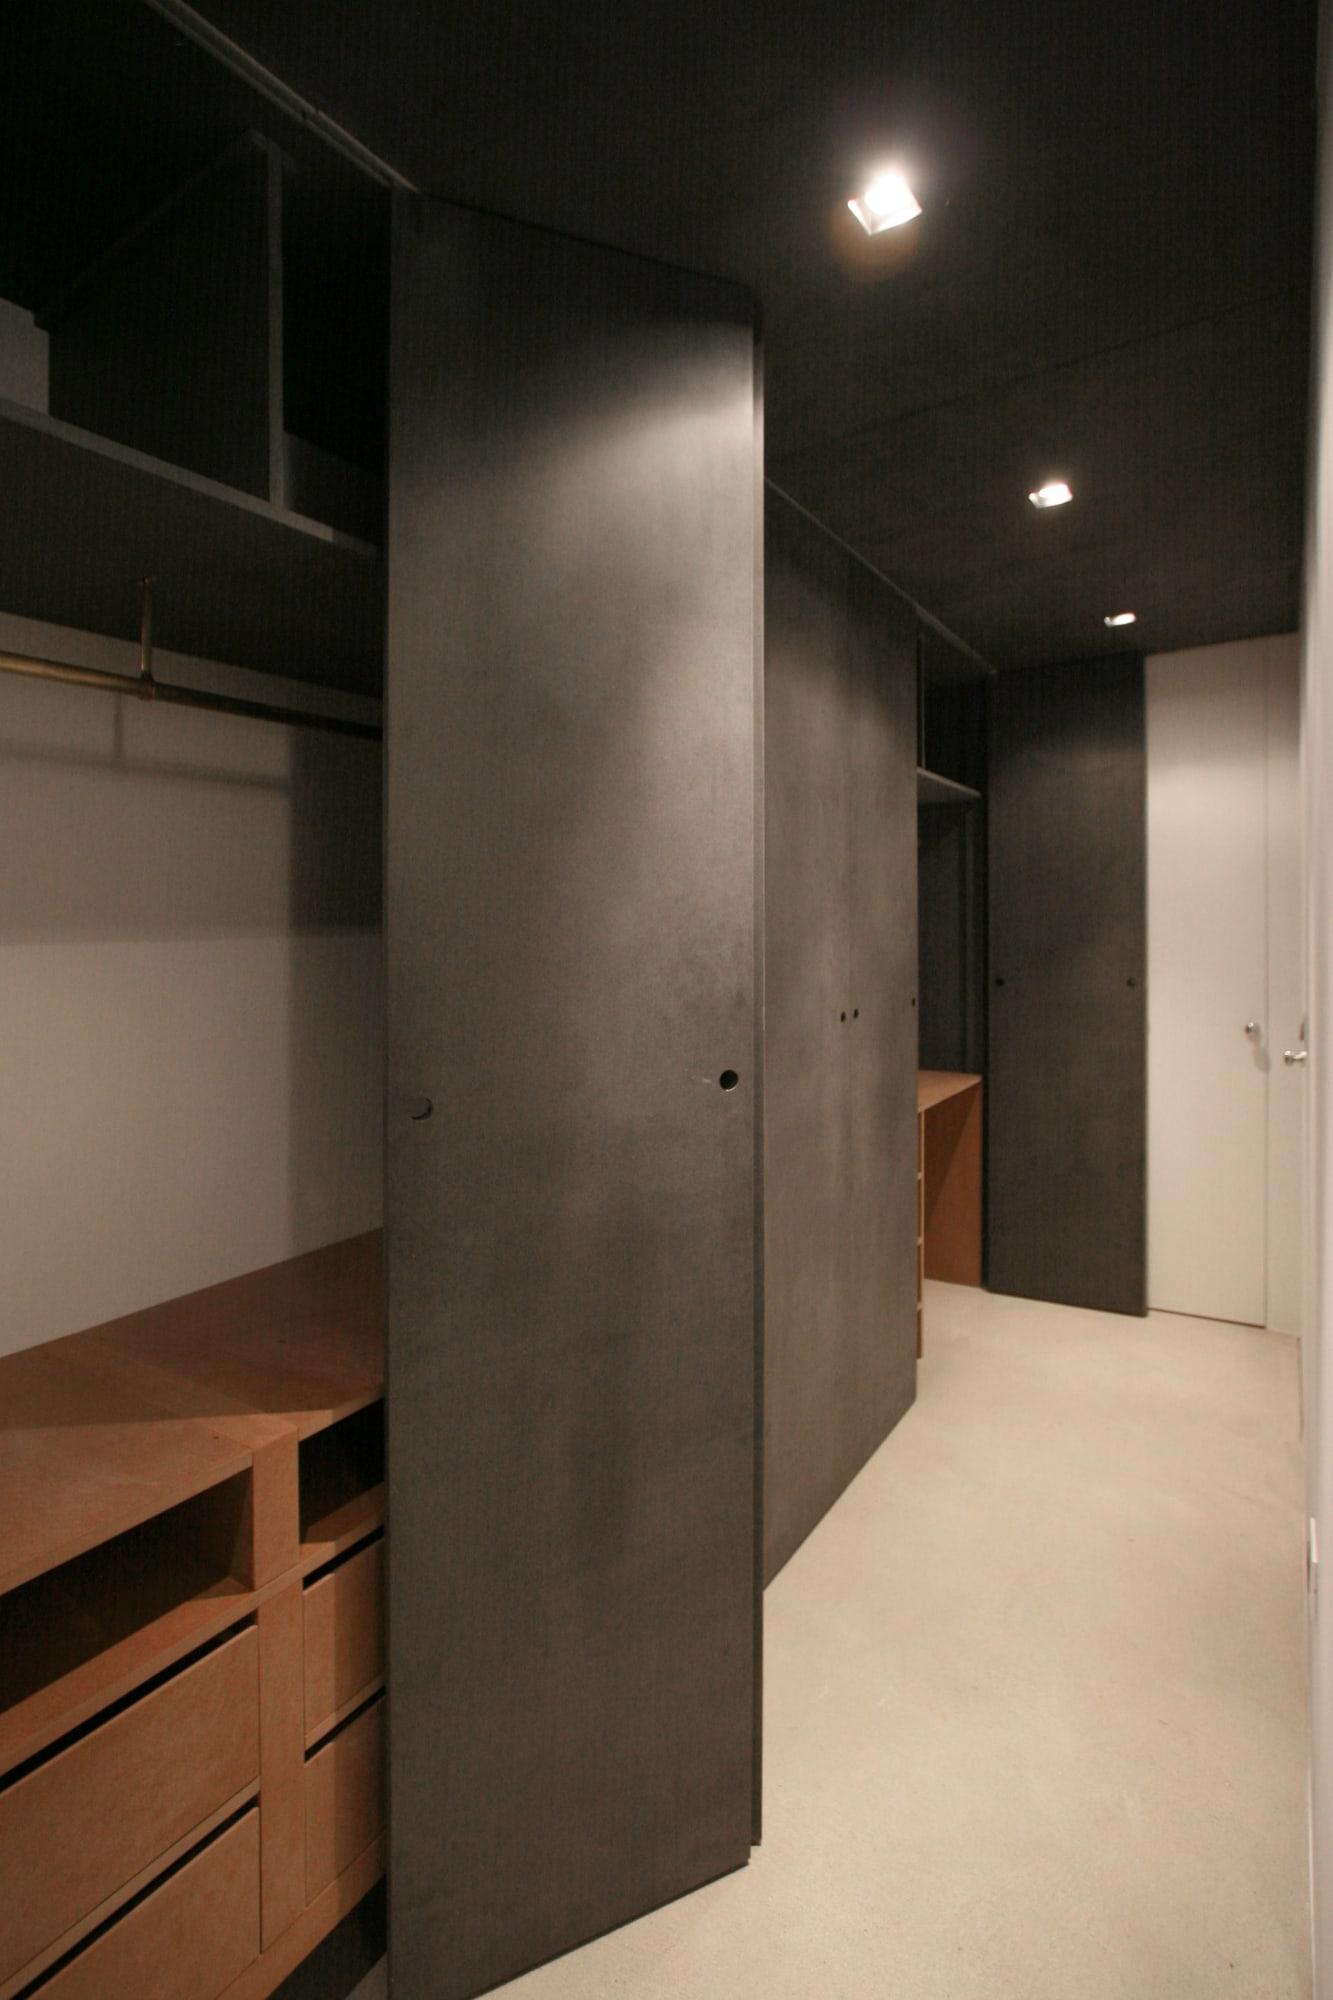 Casa 60 Mq Pianta dare-architettura · casa anselmo · divisare